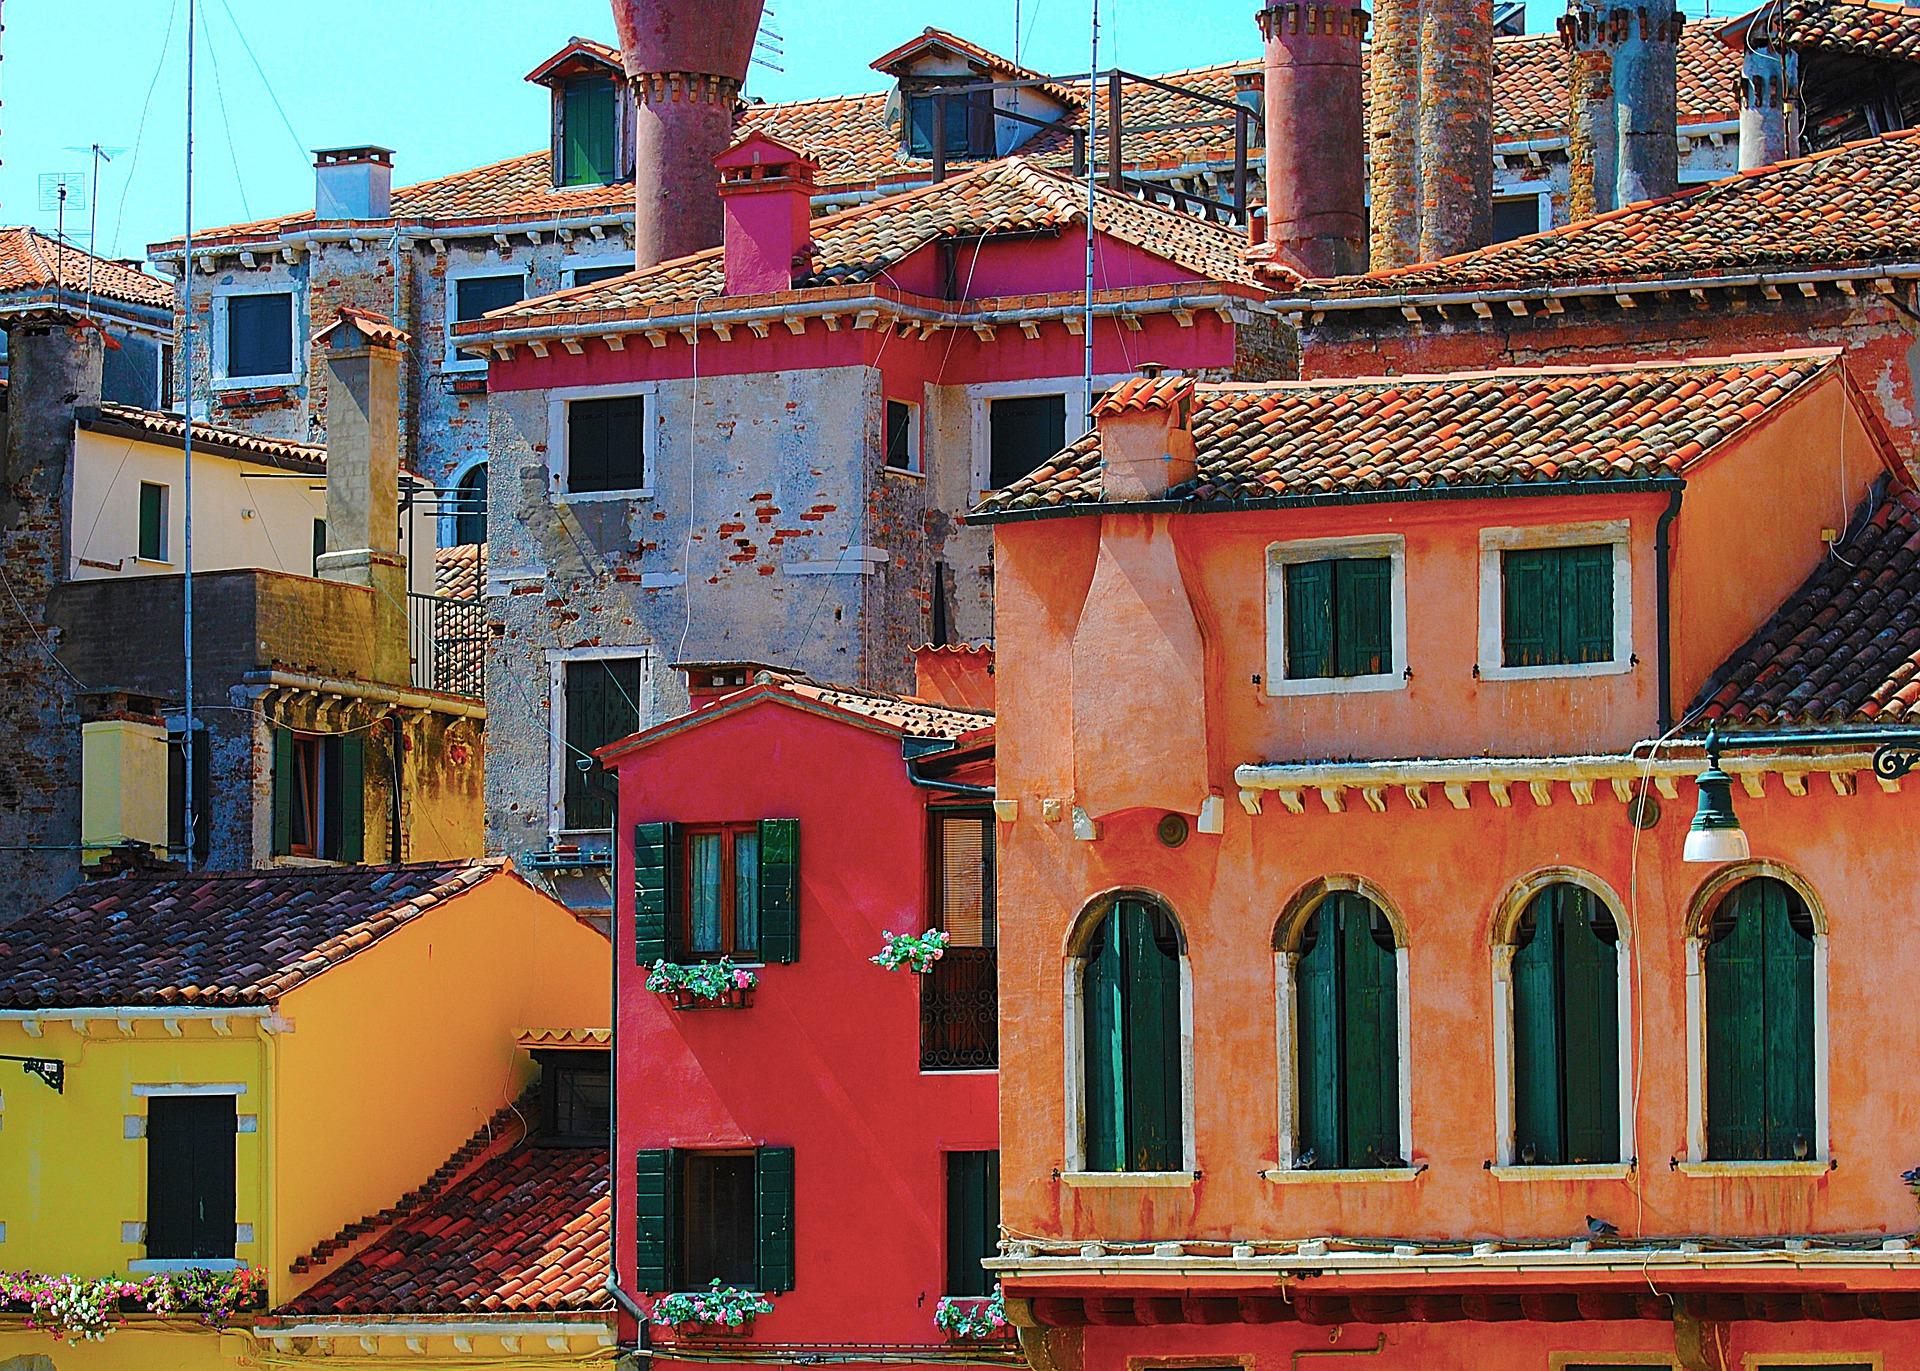 Carnaval de Venecia, Italia carnaval de venecia - 38556148710 9108114f7a o - Carnaval de Venecia : la historia y elegancia toman la calle